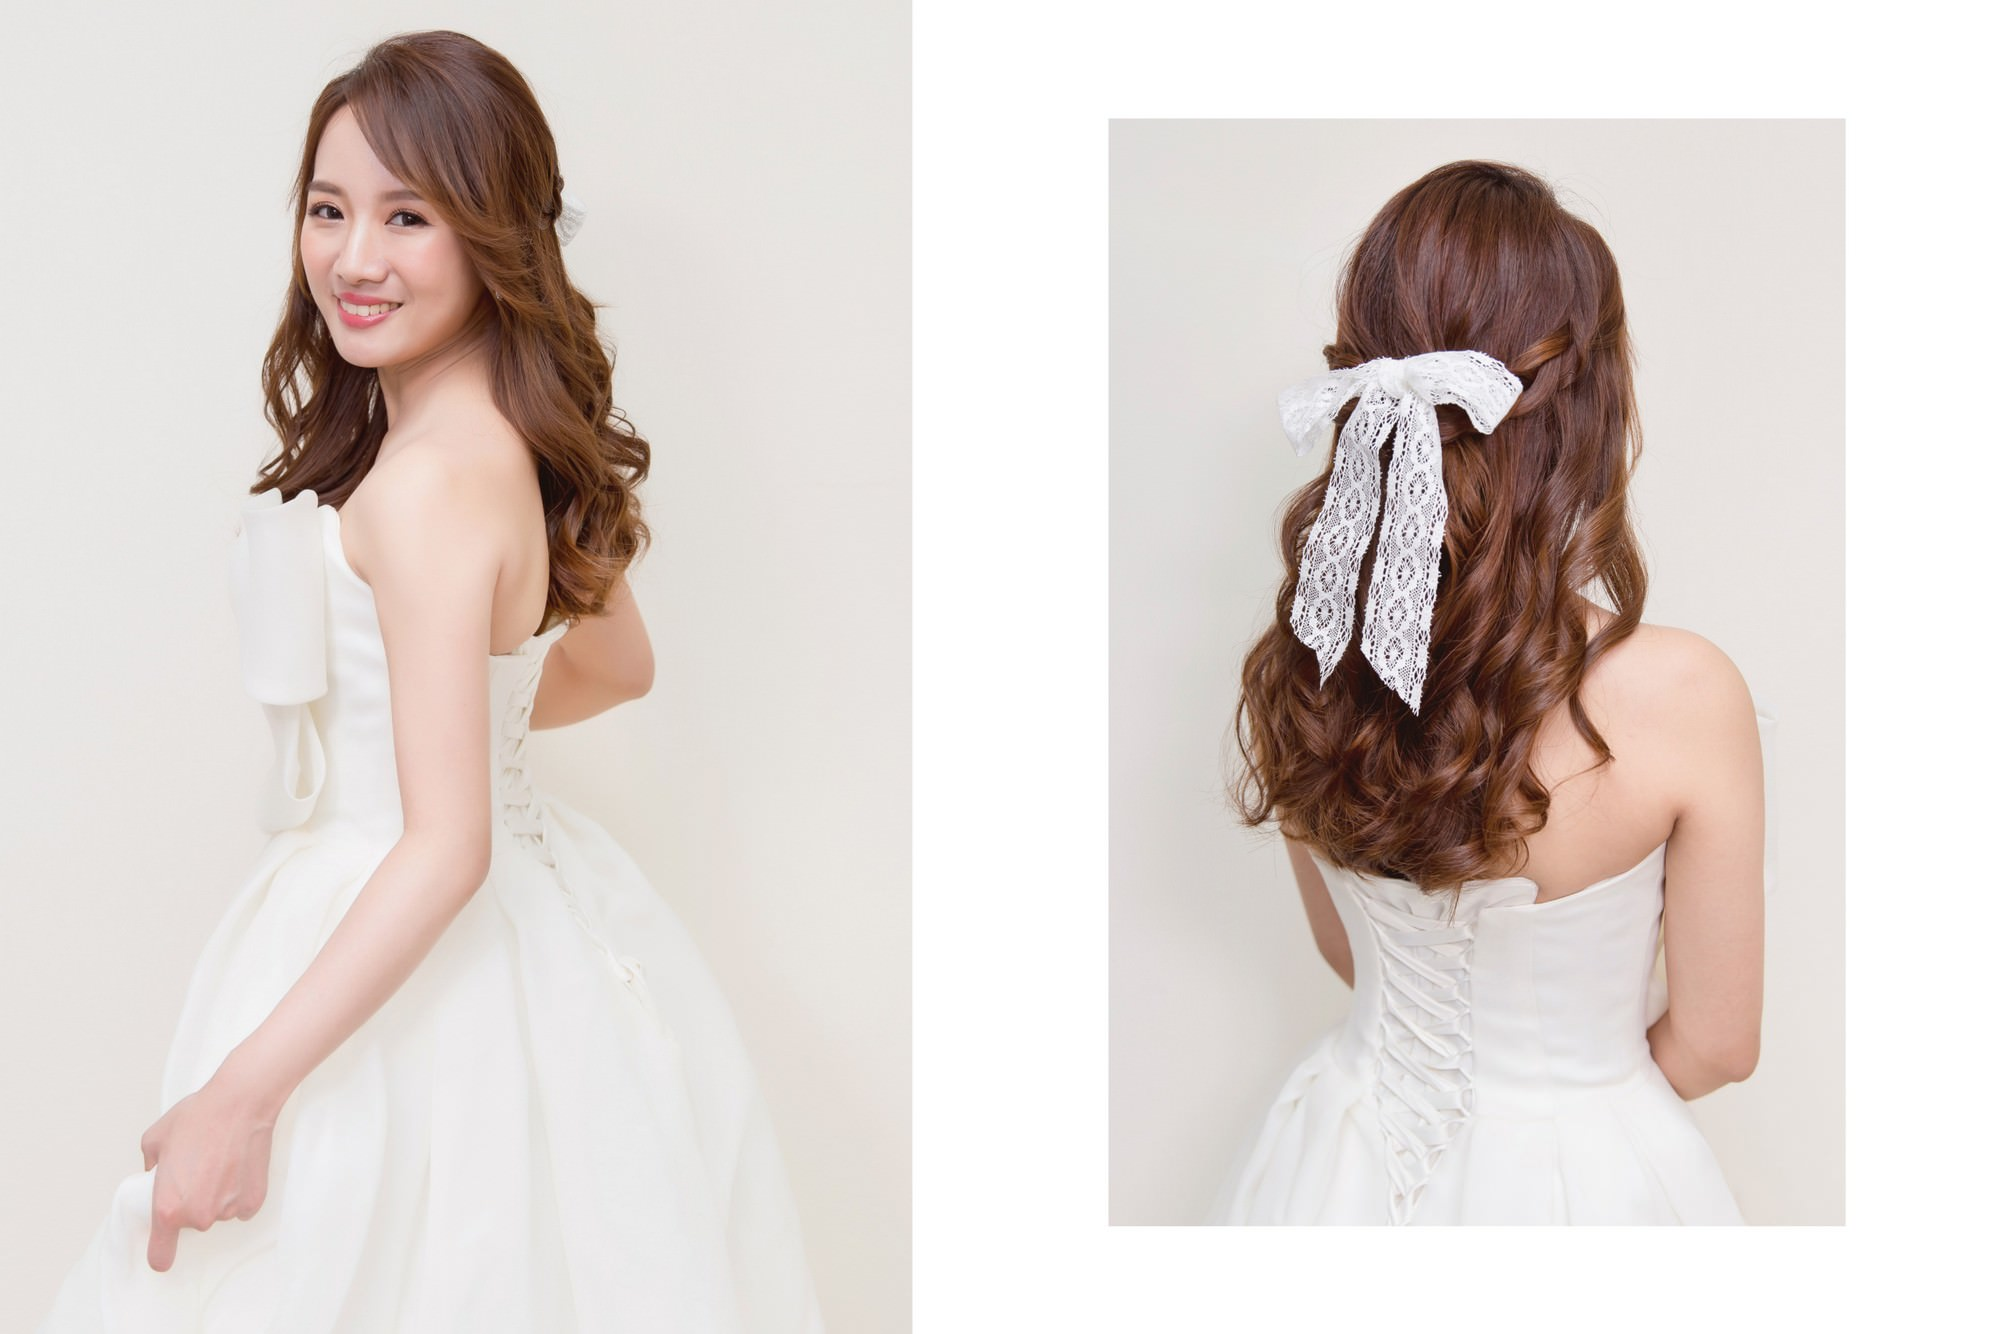 編髮加上蝴蝶結。公主風格的公主頭造型